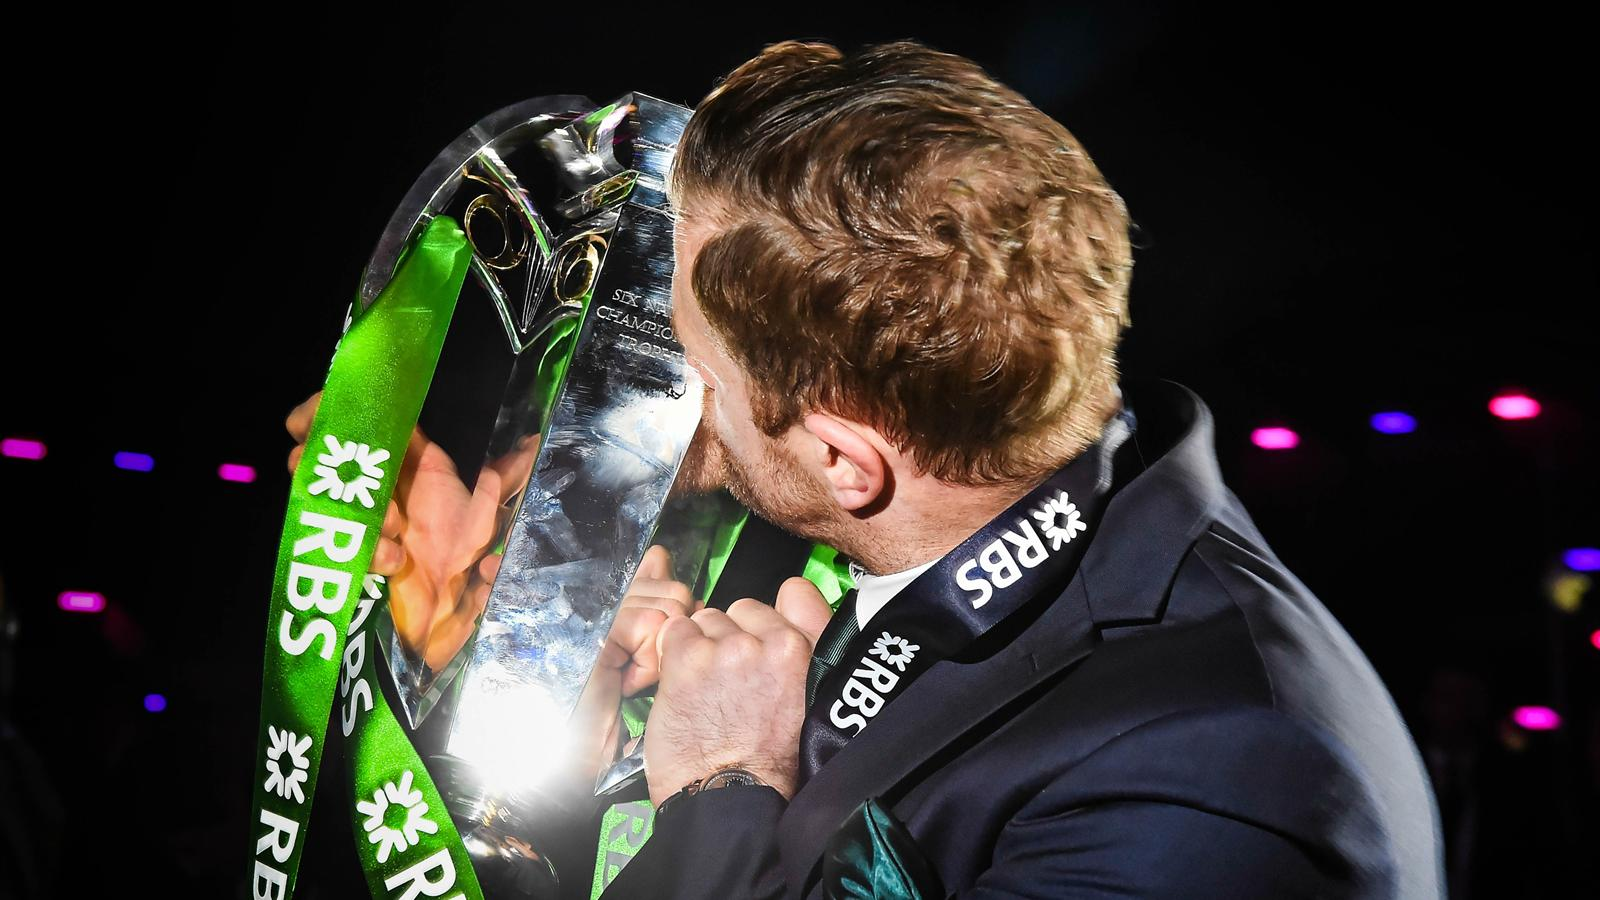 Jamie Heaslip avec le trophée du Tournoi des 6 nations